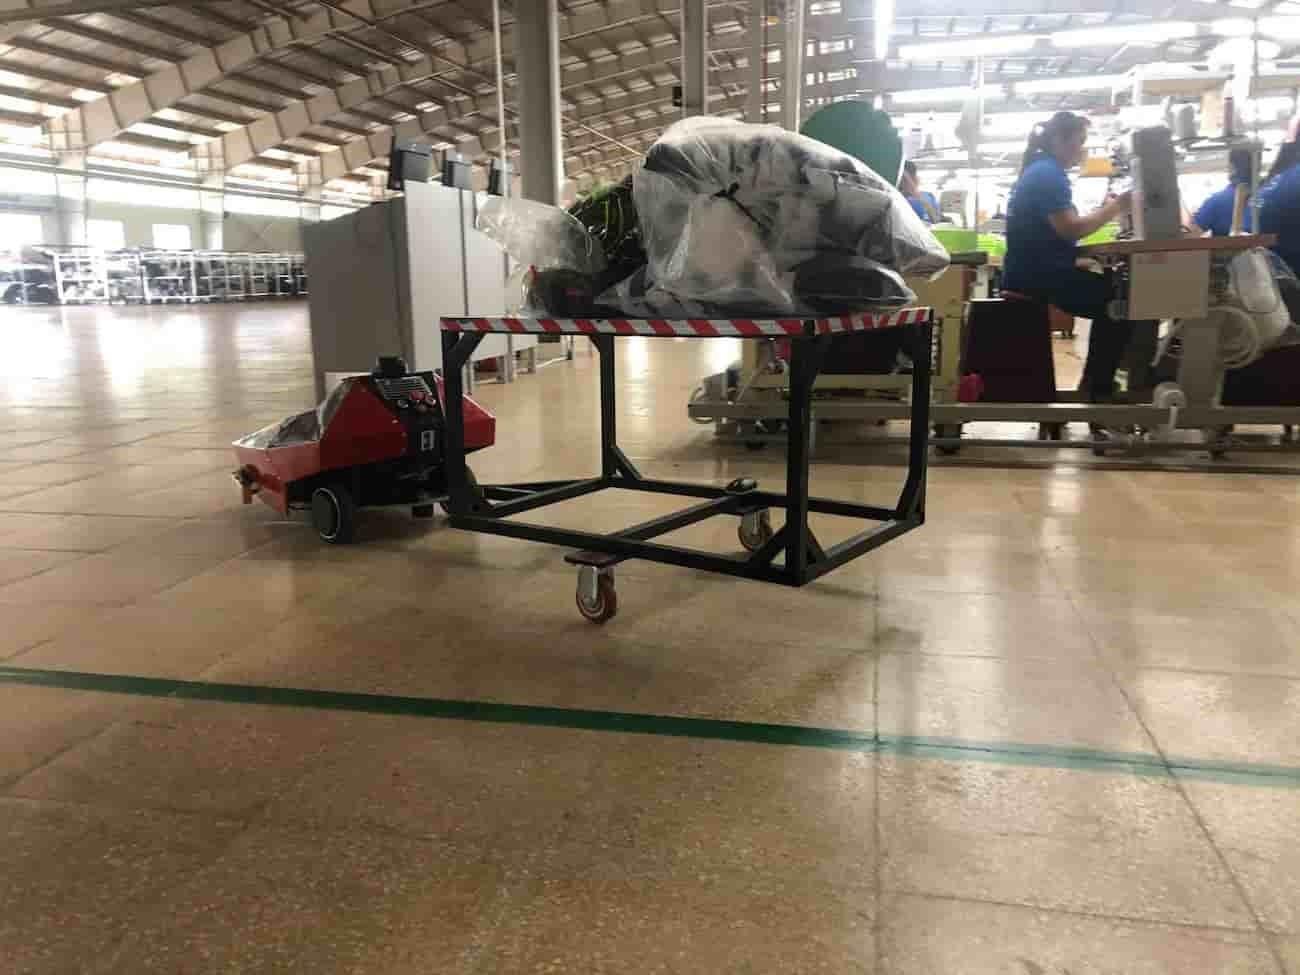 Xe tự hành AGV Perbot vận chuyển hàng trong kho Uniduc sản xuất có những đặc điểm gì? - Ảnh 3